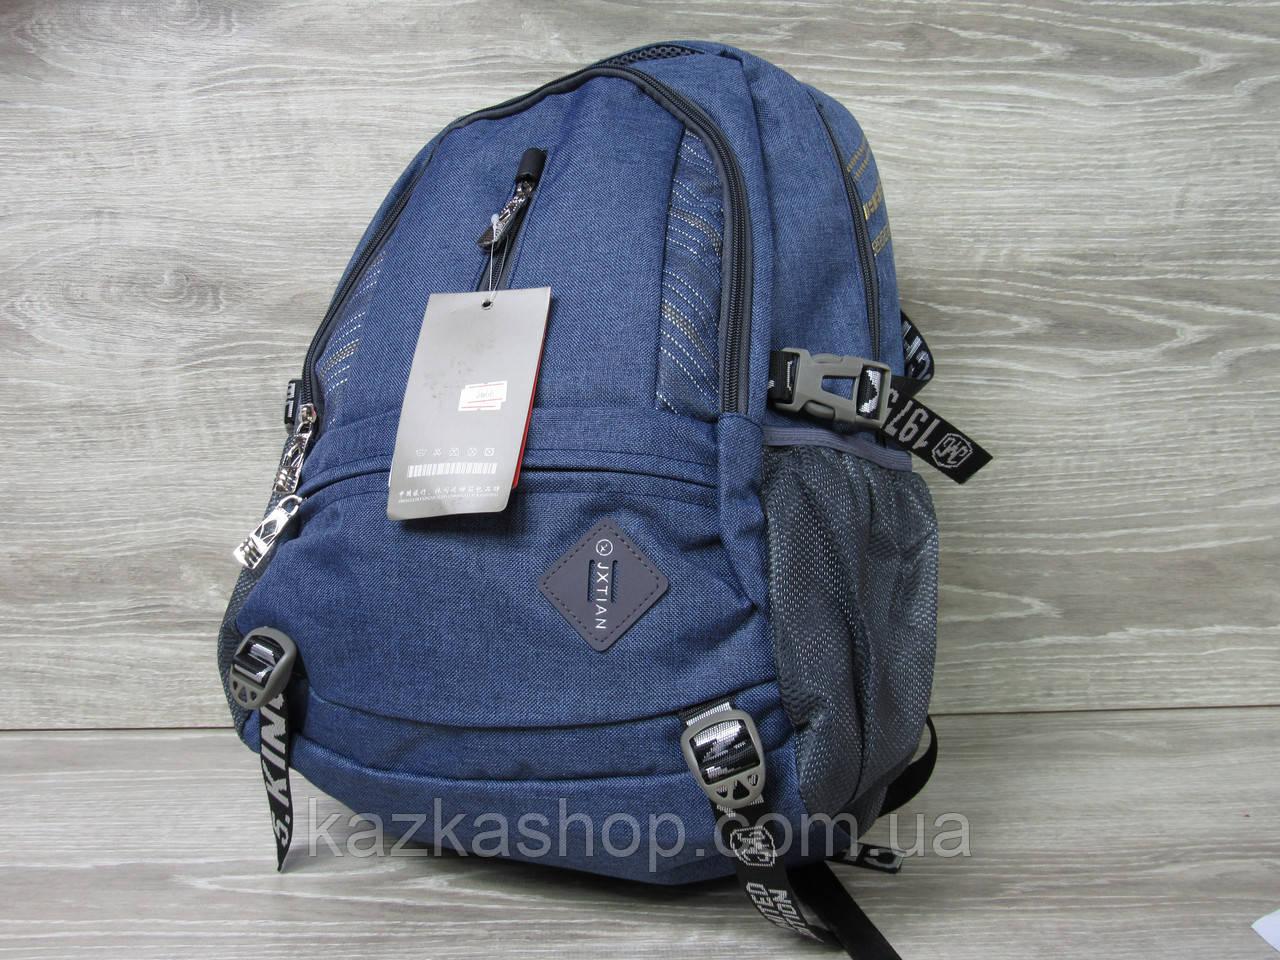 Большой школьный прочный рюкзак, на несколько отделов, S-образные лямки, 33х45 см